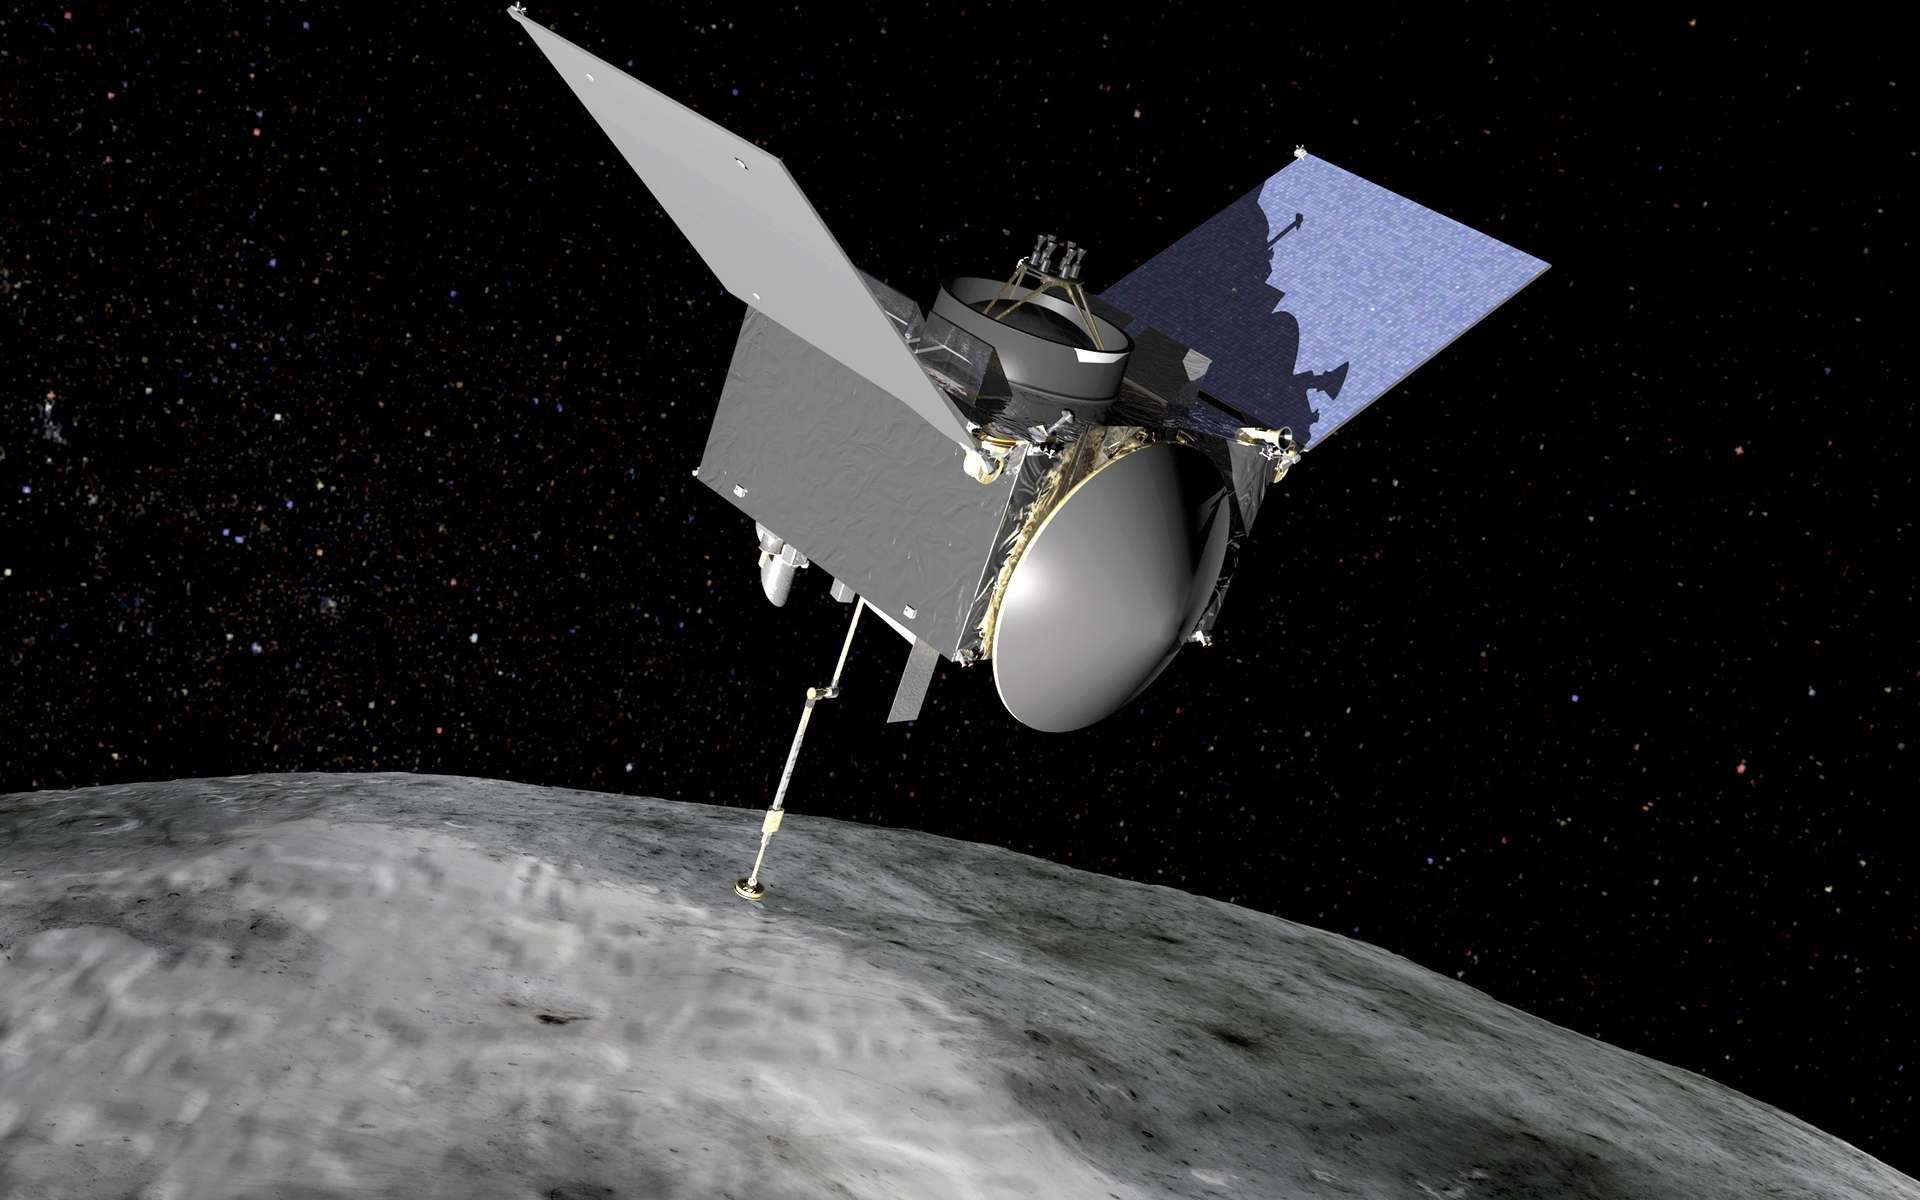 Osiris-Rex est la première mission américaine de retour d'échantillons d'un astéroïde. Cette sonde a été construite par la société Lockheed-Martin. © Nasa